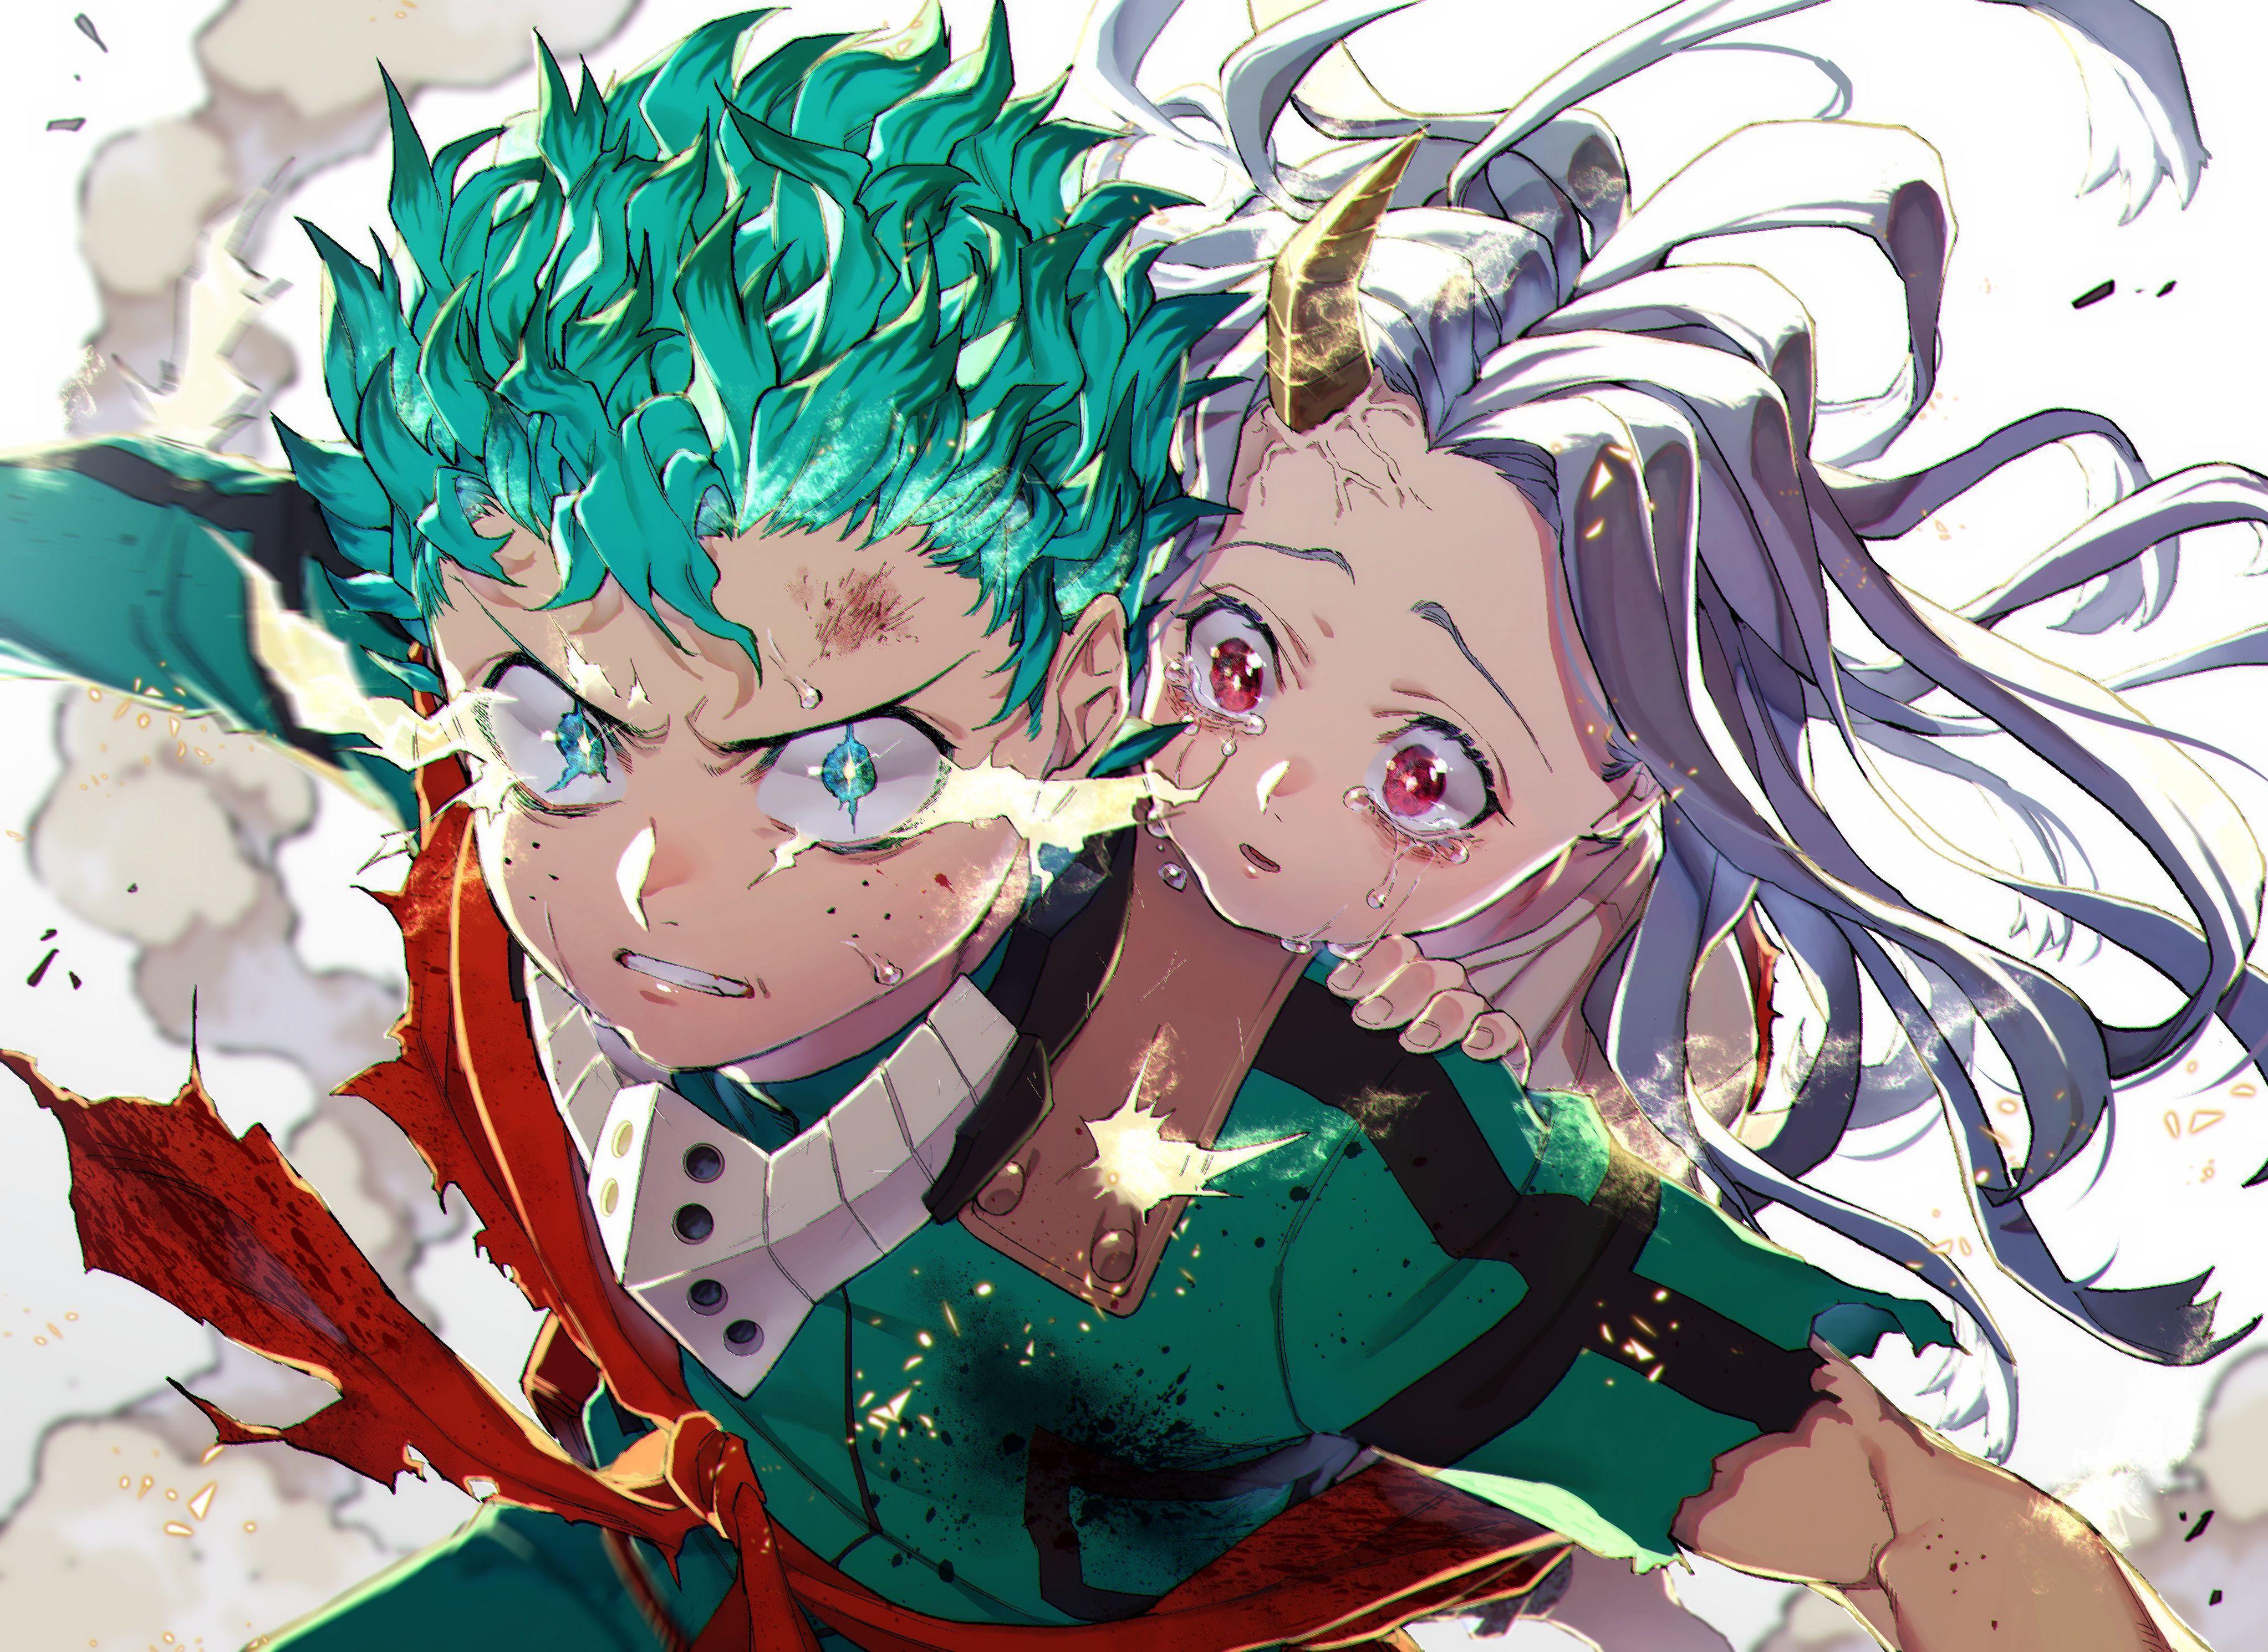 4091x2980 Eri (My Hero Academia), hình nền Izuku Midoriya.  Phim hoạt hình.  Hình nền HD tuyệt vời